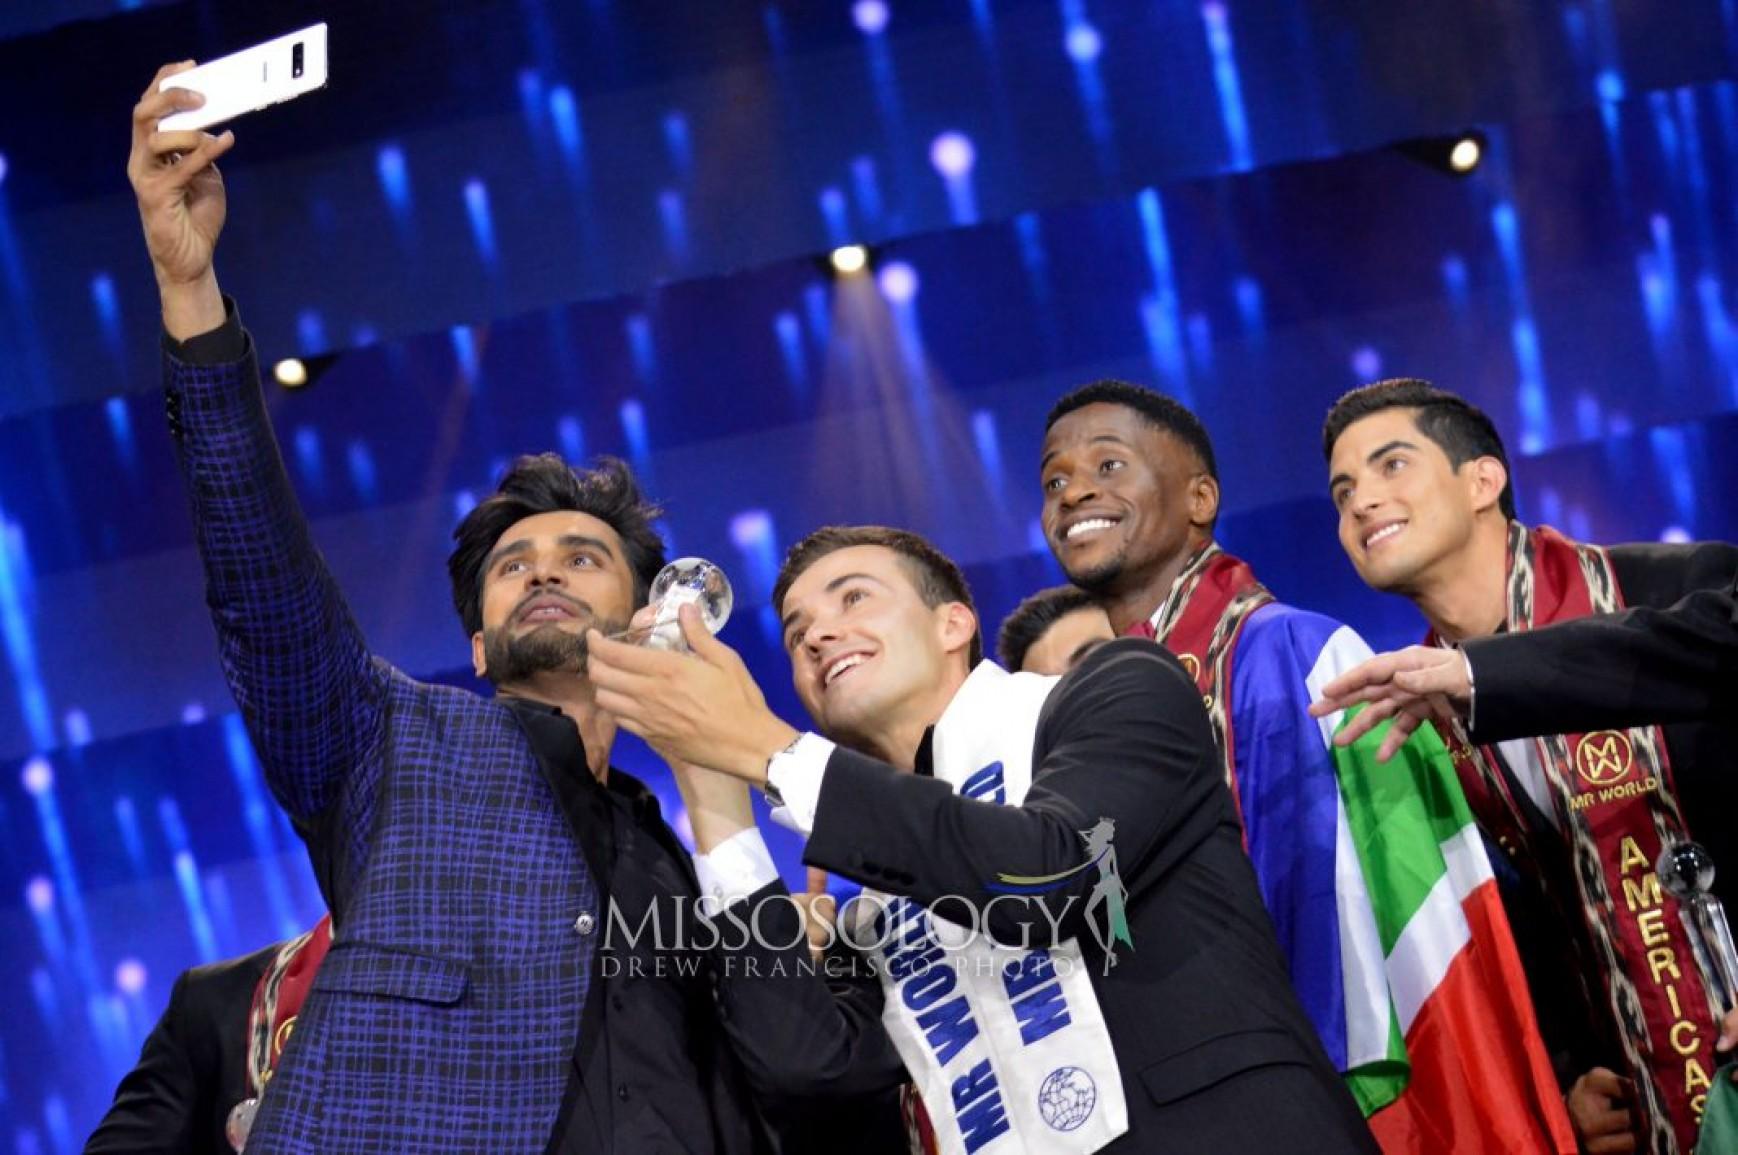 Tân Nam vương Thế giới vui vẻ selfie cùng các thí sinh. Cuộc thi Nam vương Thế giới - Mr World mặc dù ra đời từ năm 1996 nhưng đến nay mới chỉ tổ chức được 10 lần. Cuộc thi này thuộc quyền quản lý của nhà tổ chức Hoa hậu Thế giới - Miss World, vì thế Nam vương và Hoa hậu Thế giới sẽ là những đại sứ cho các hoạt động